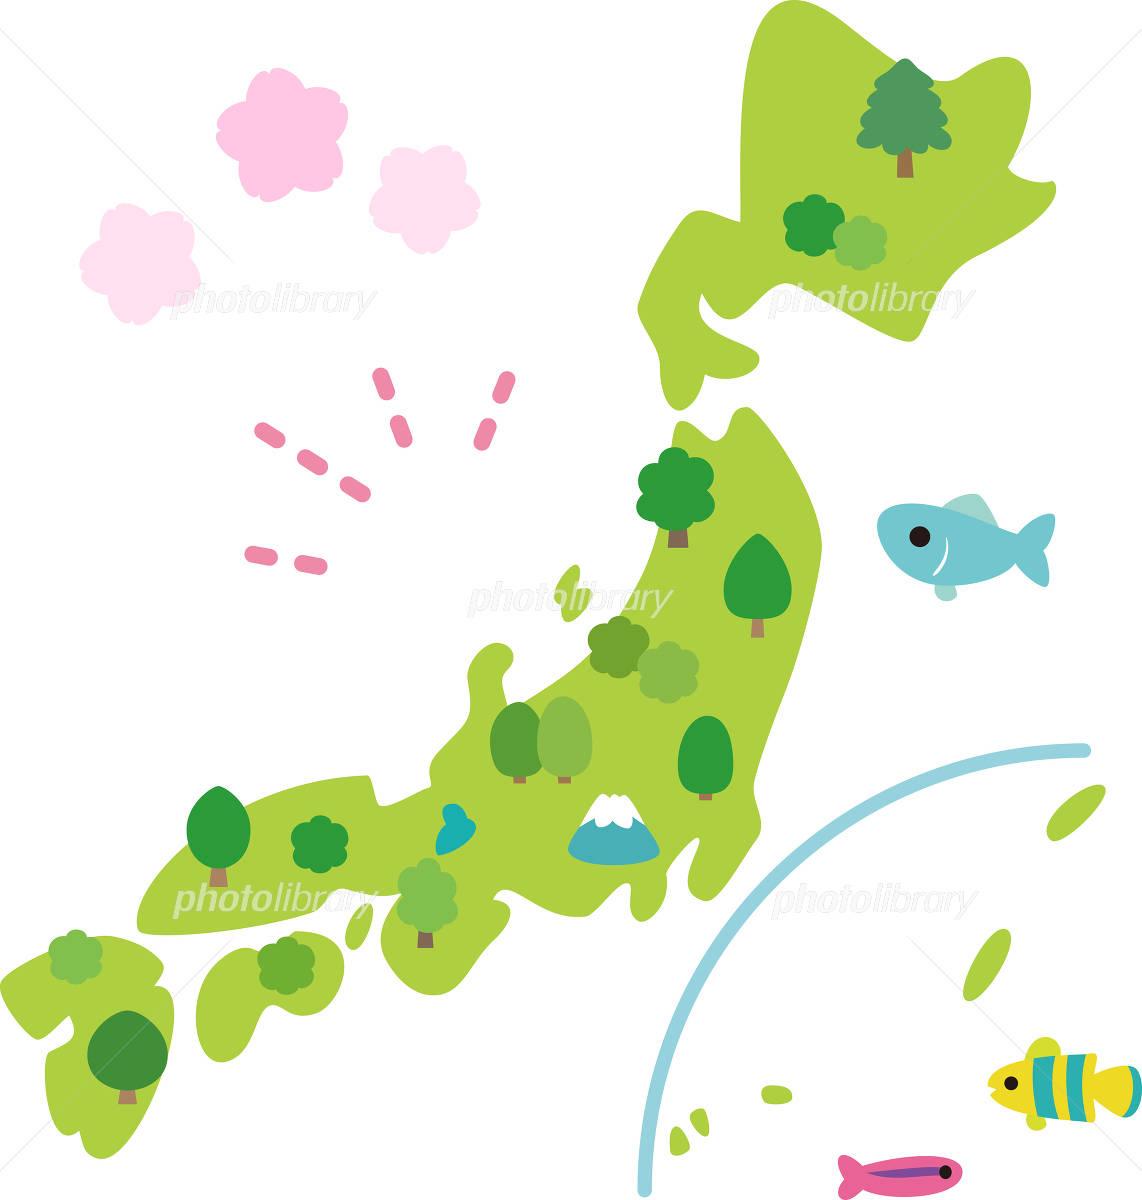 かわいい日本列島のイラスト イラスト素材 3801444 フォトライブ